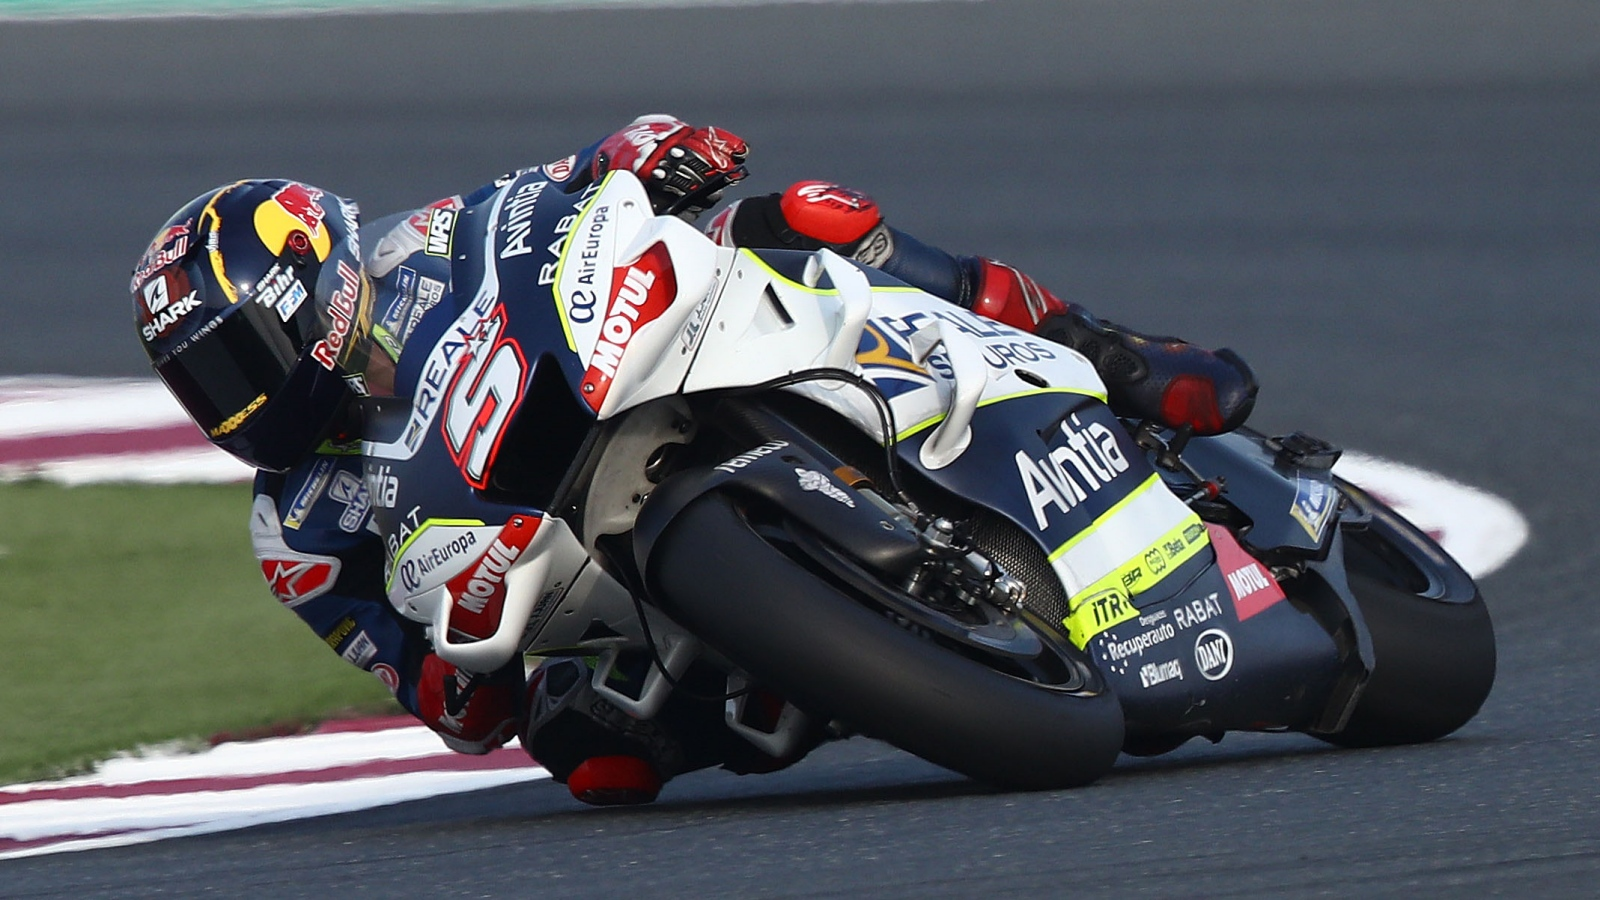 MotoGP 2020: Pilotos, Equipos y Motos